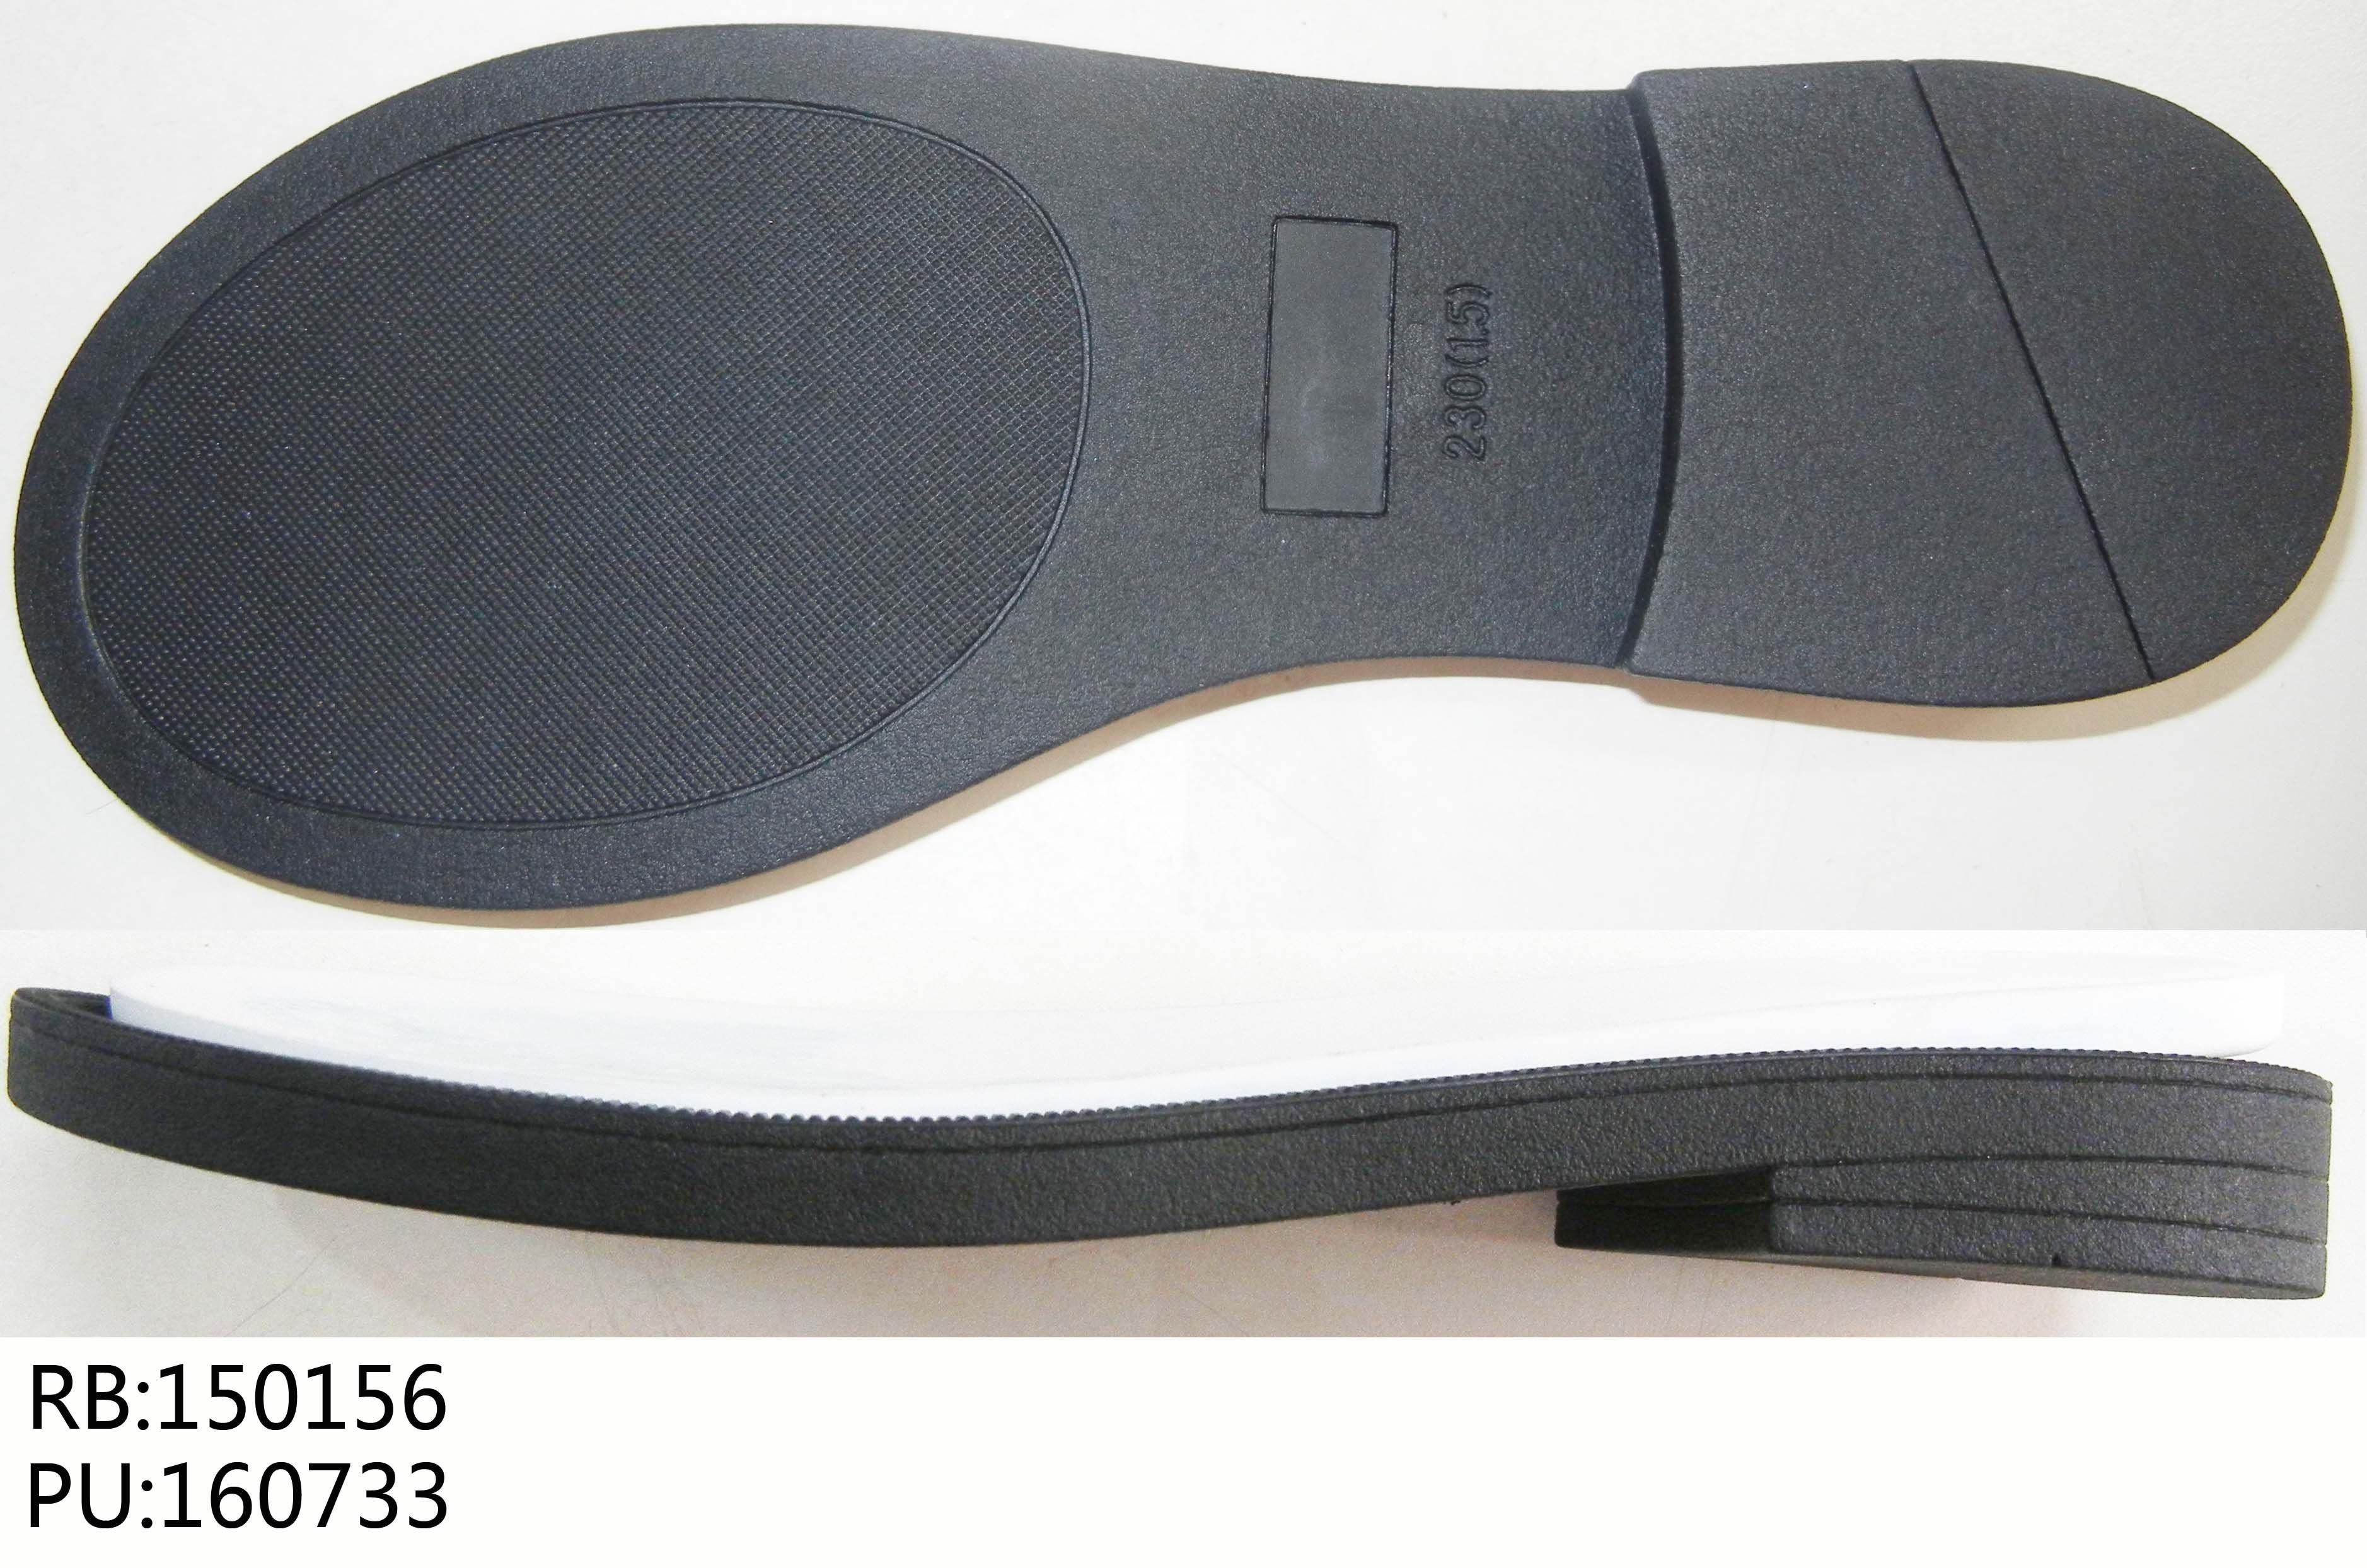 Crepe Rubber Sole Sheet Wholesale Rubber Shoes Black Sports Shoes Colorful Shoes